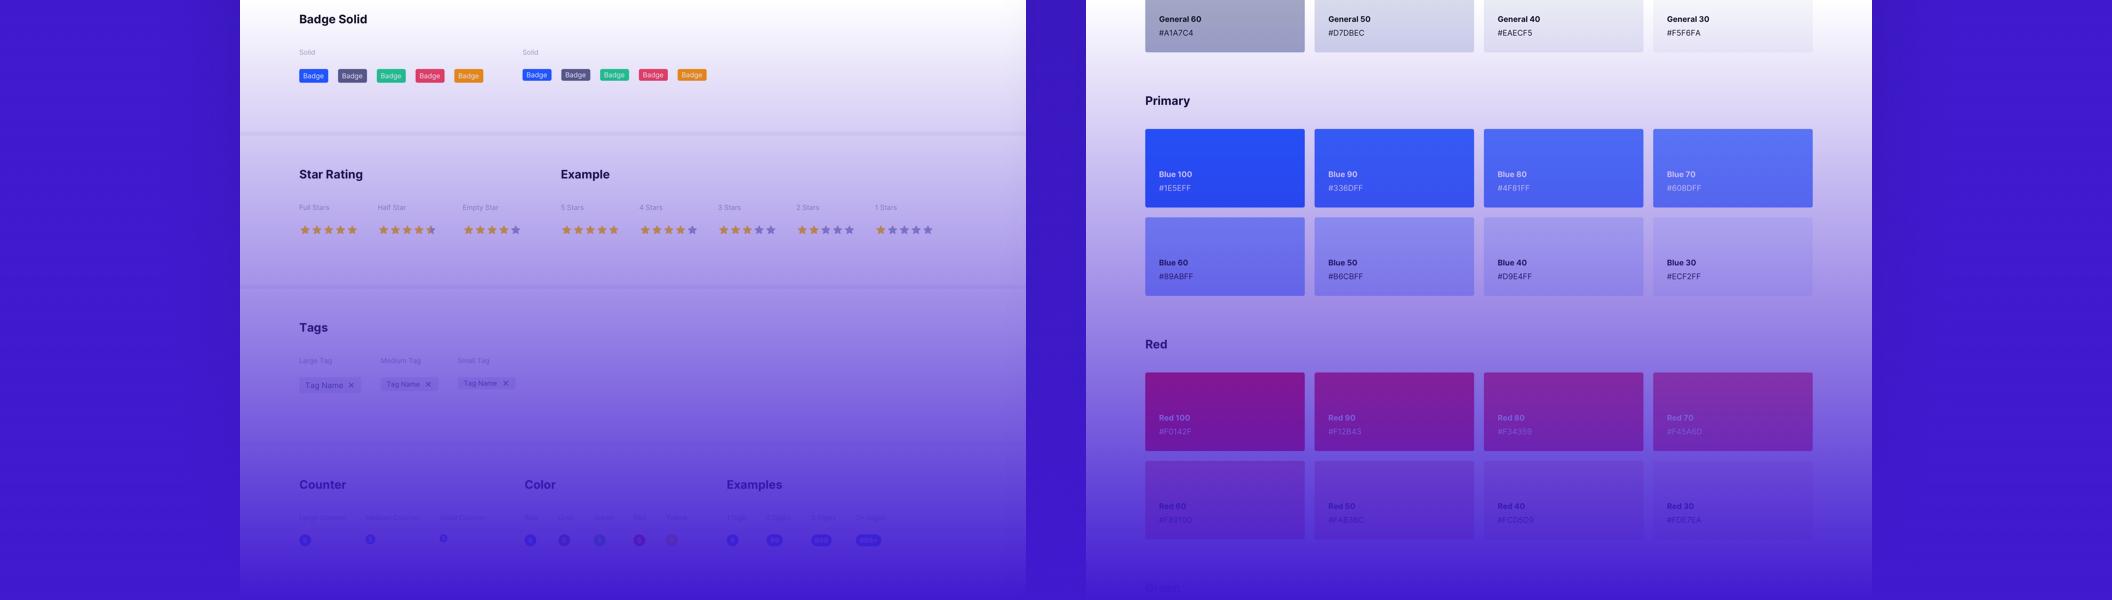 后台管理系统模版素材/中台管理系统模版素材Bolt UI Kit & Design Library插图(7)